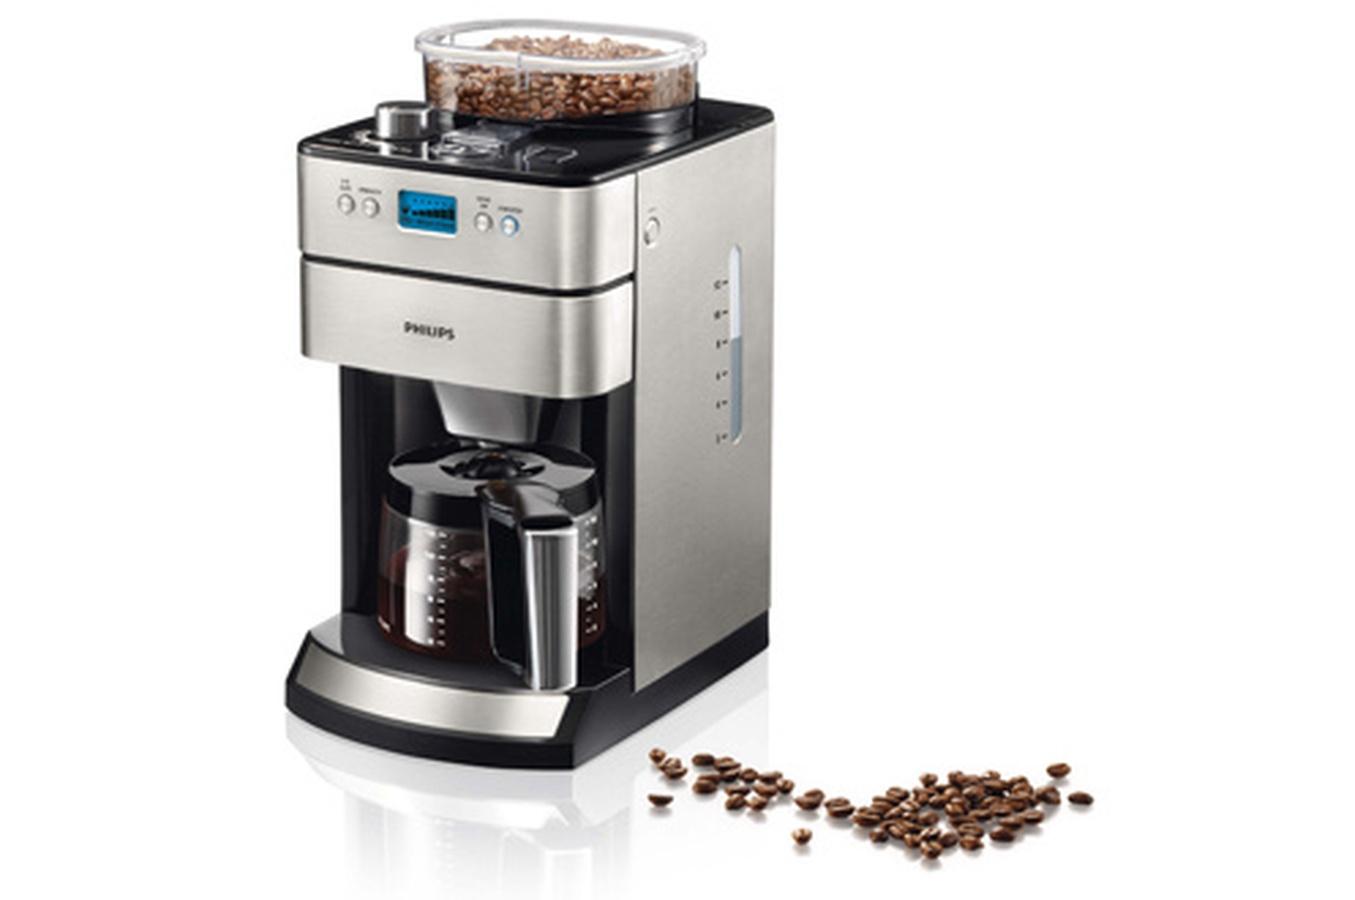 cafetière avec broyeur à grain intégré